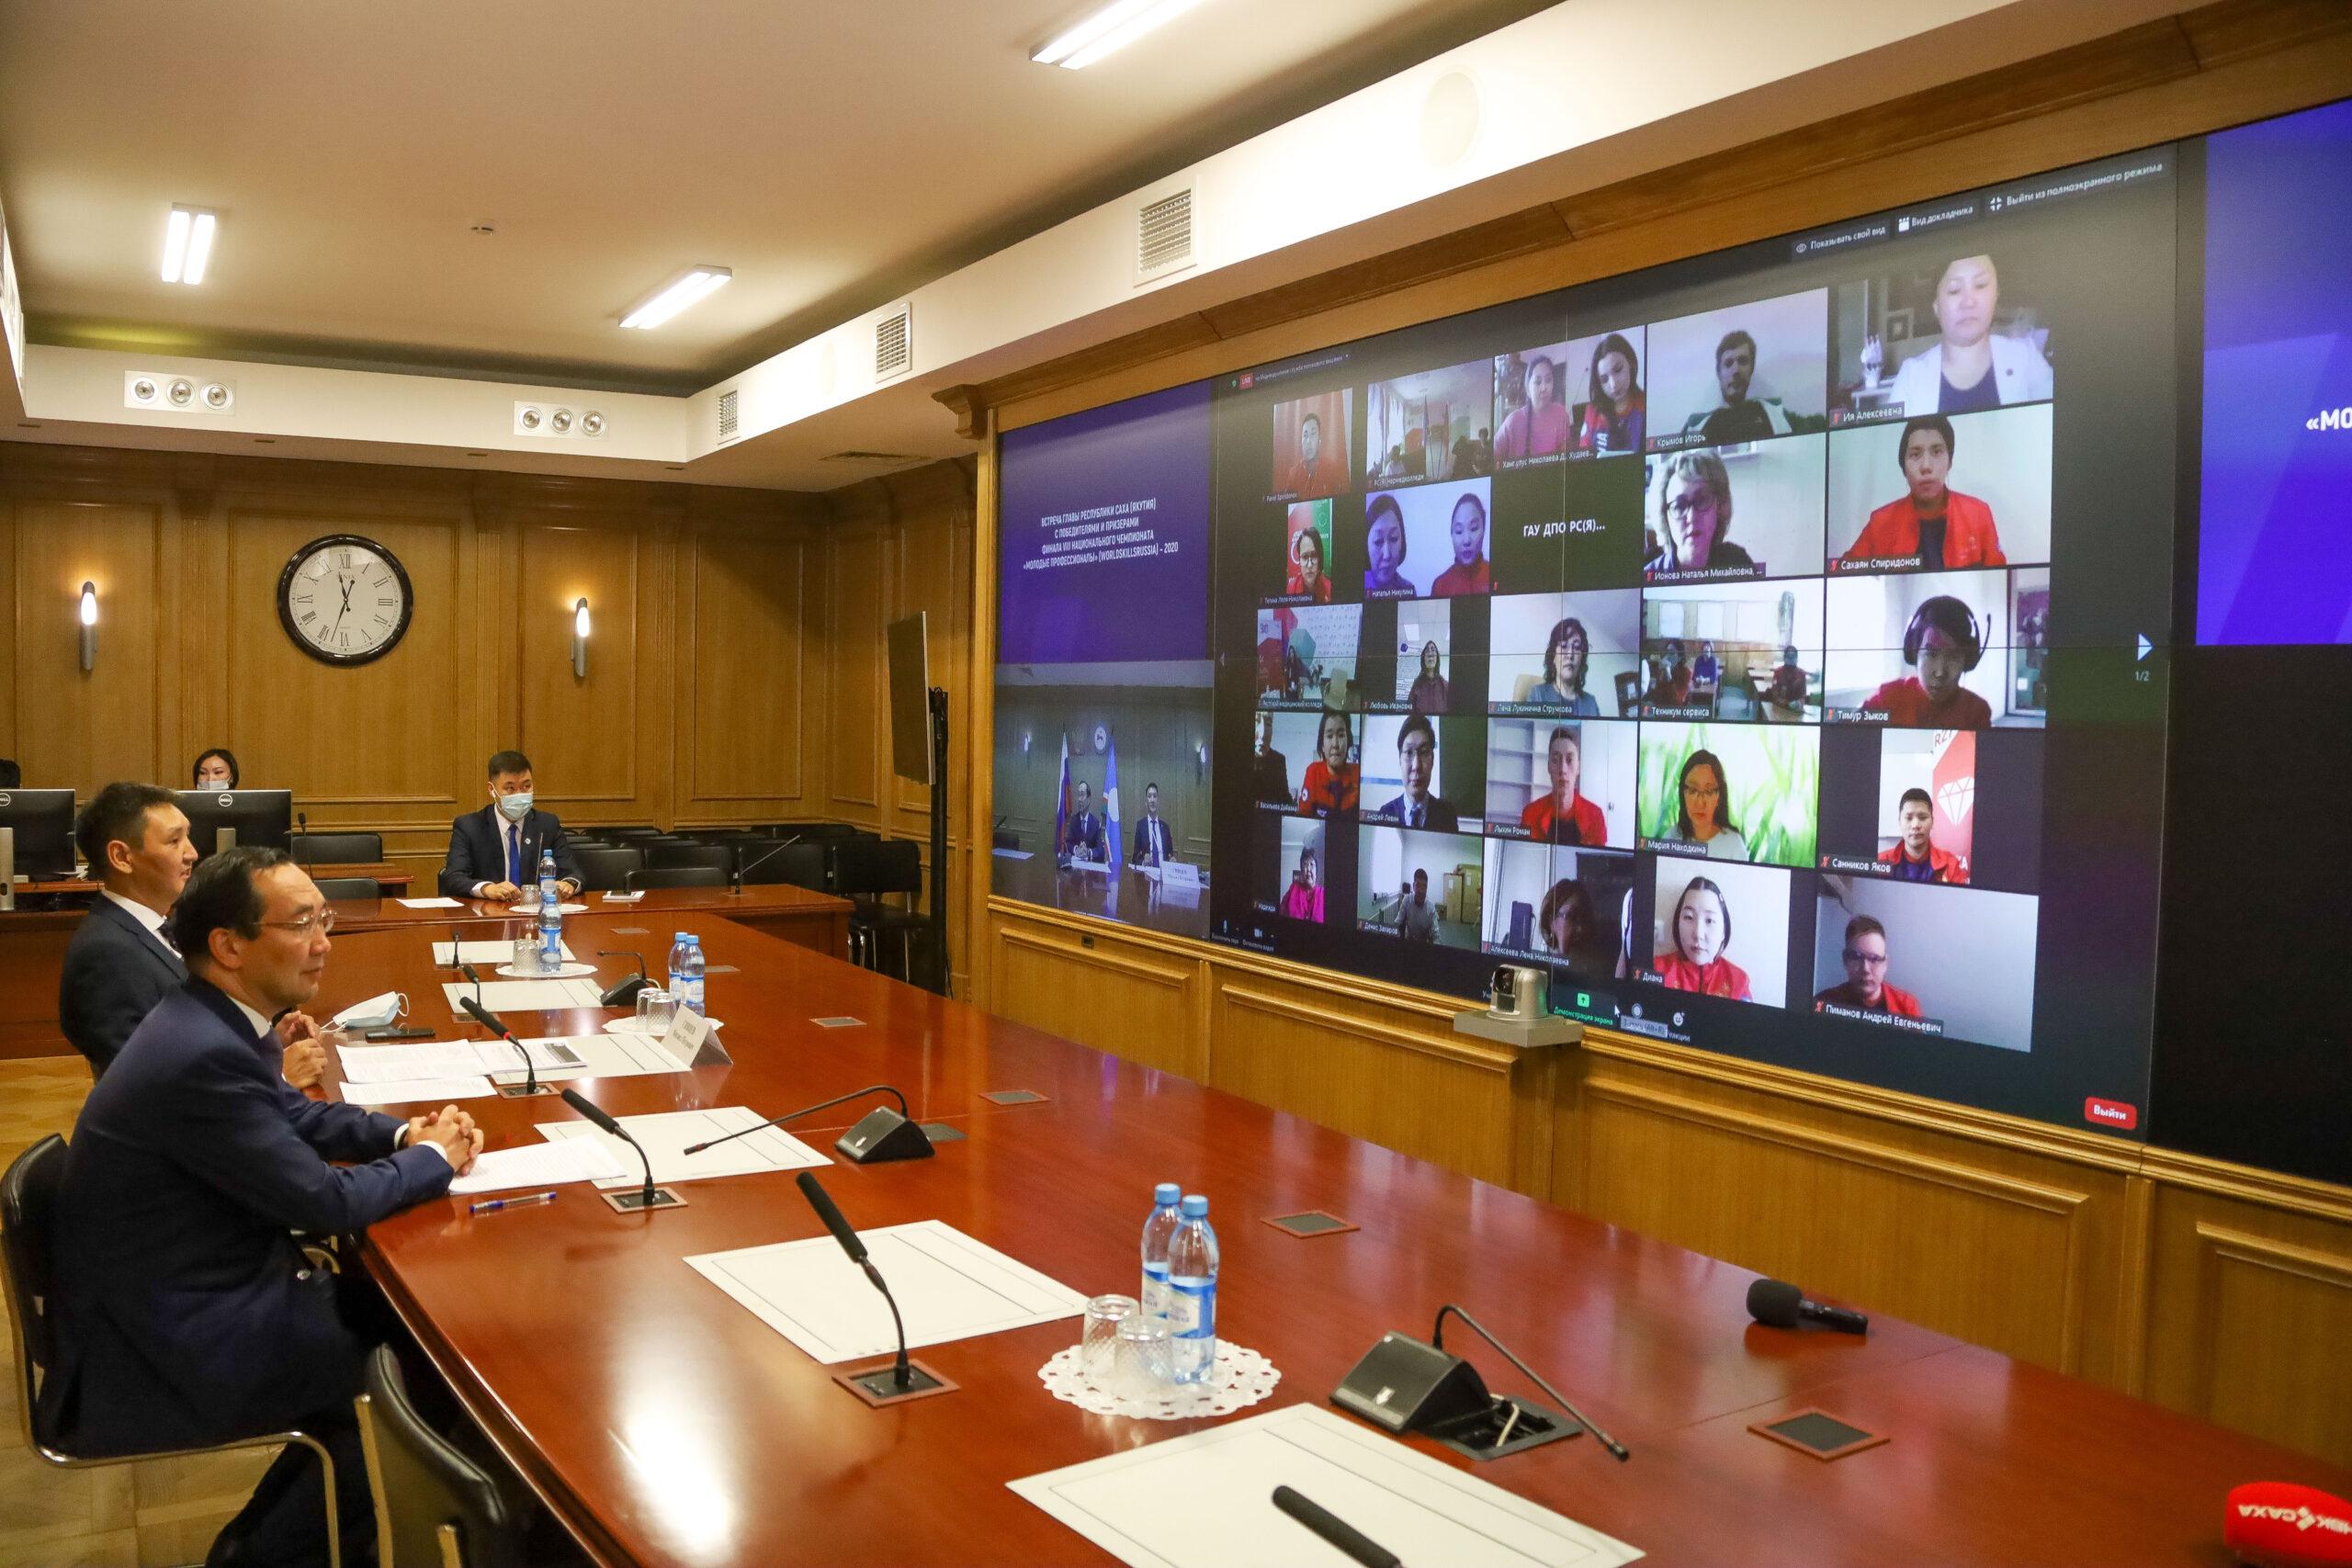 Айсен Николаев поздравил молодых профессионалов с победой